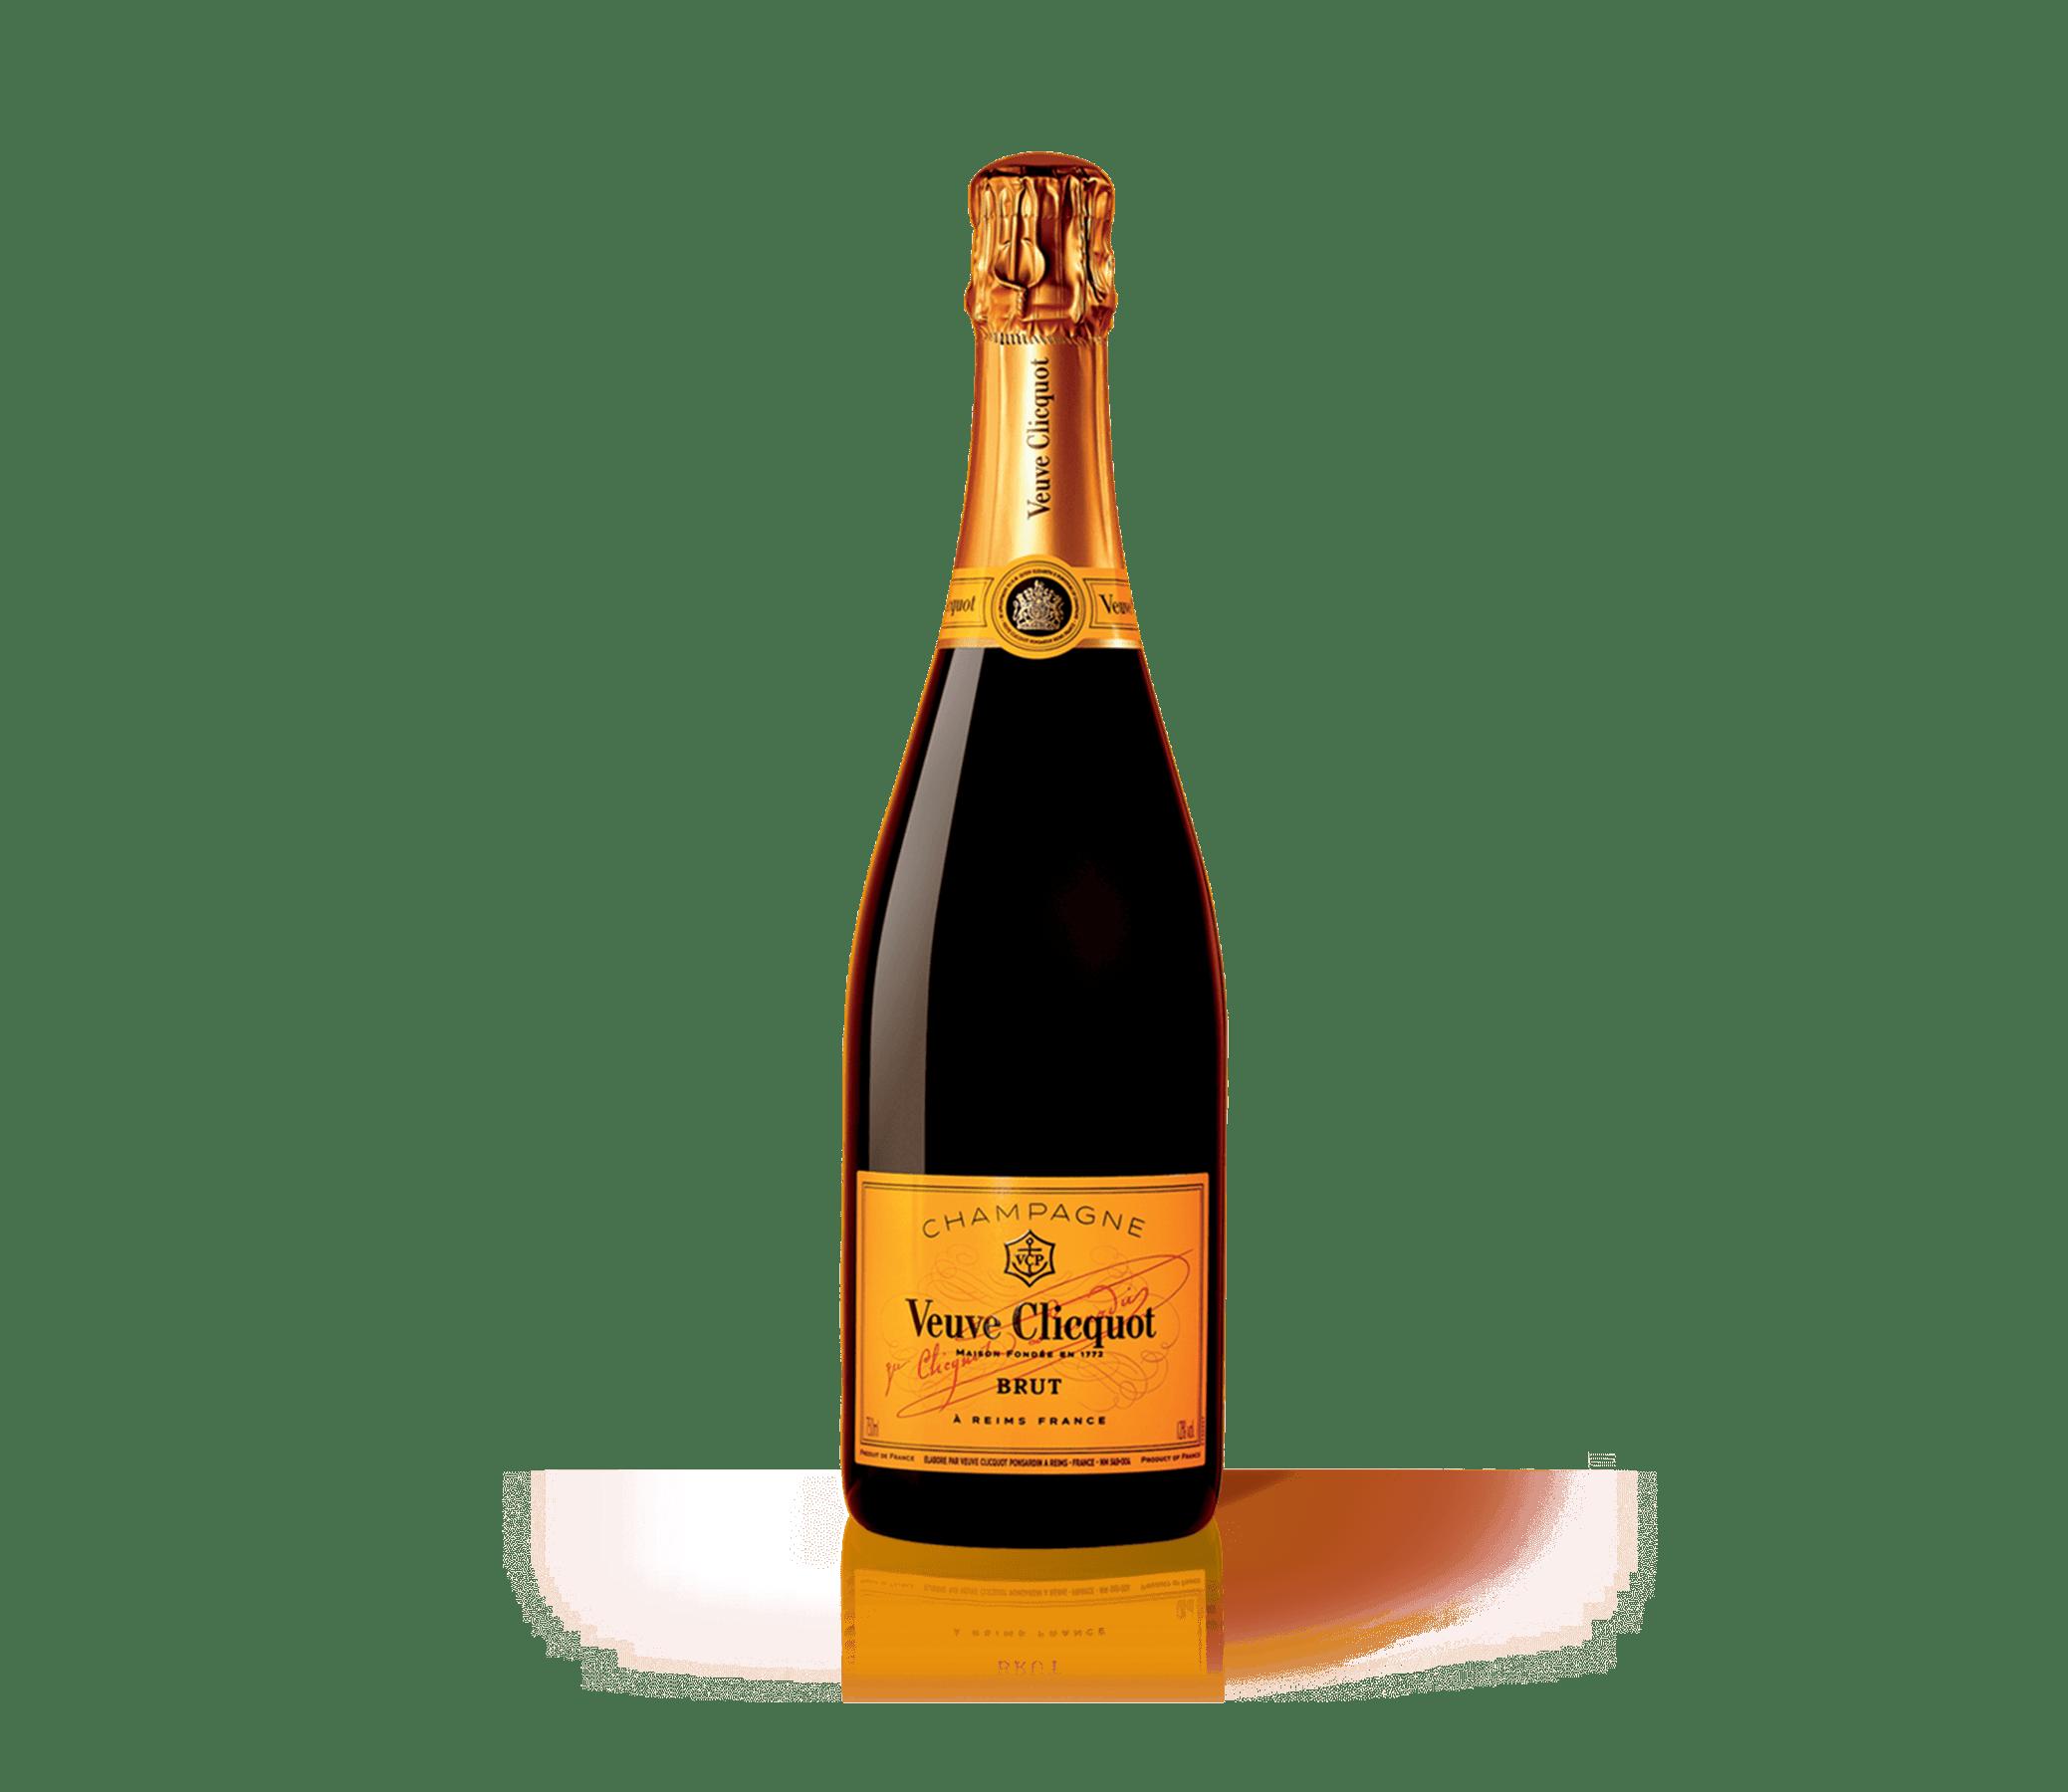 Botella de champagne Veuve Clicquot Brut